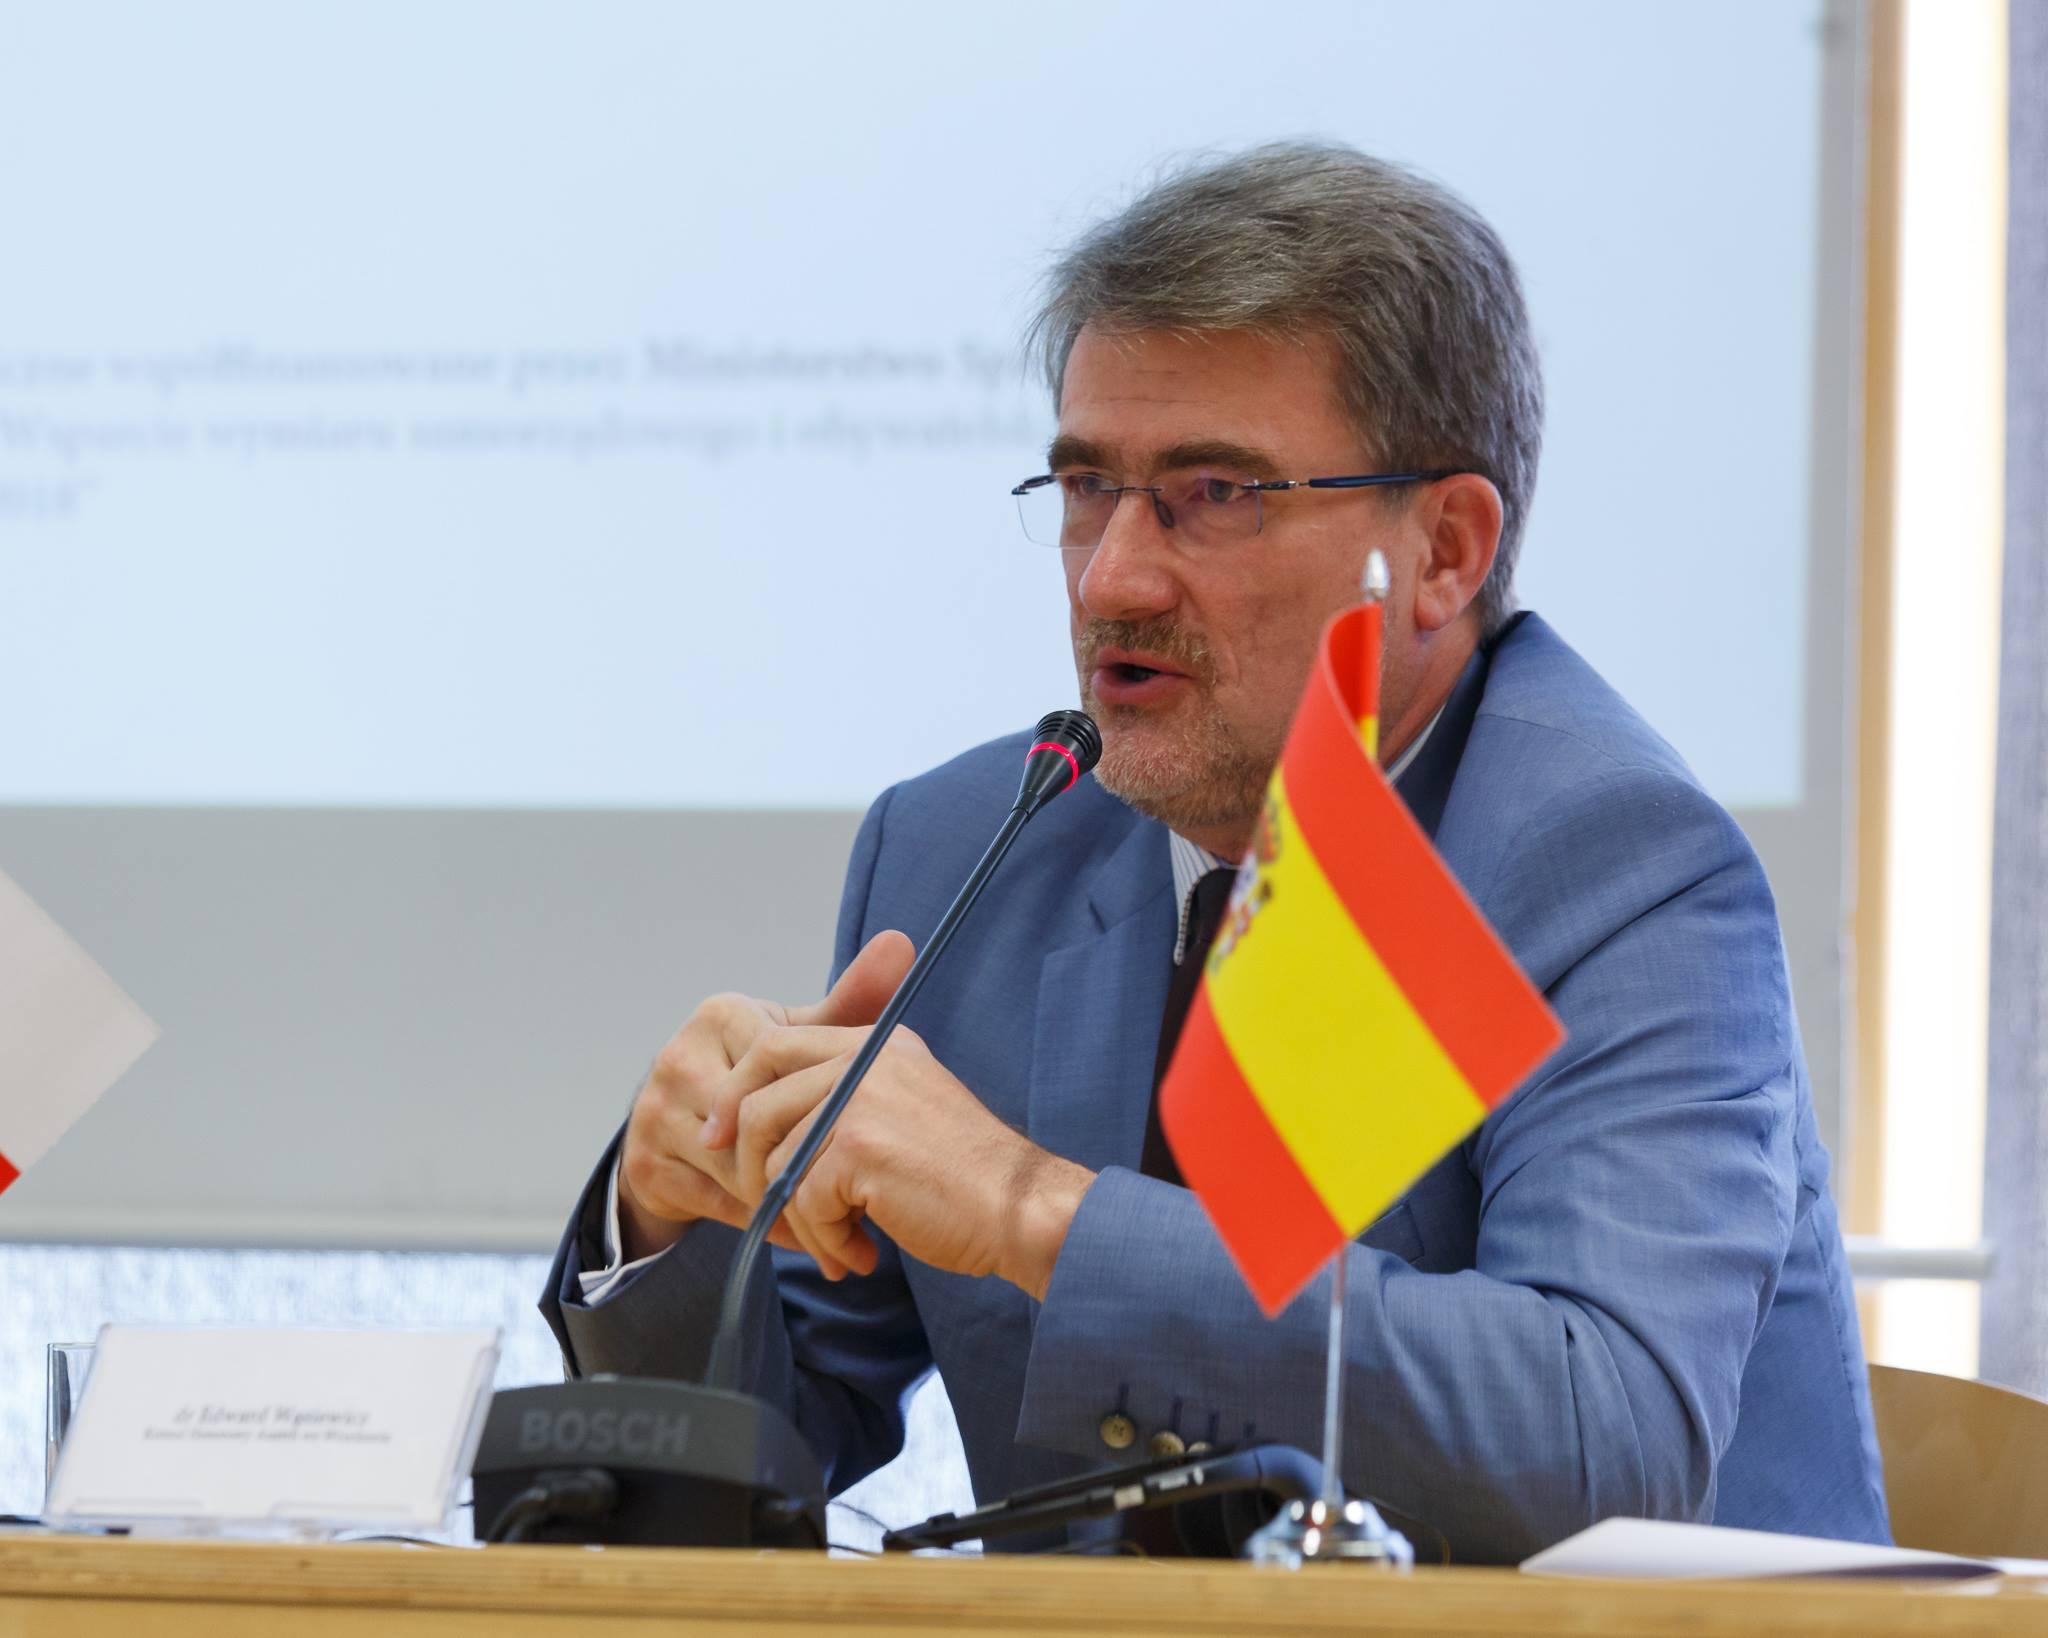 Konsul Honorowy Austrii podczas Panelu Dyplomacja publiczna